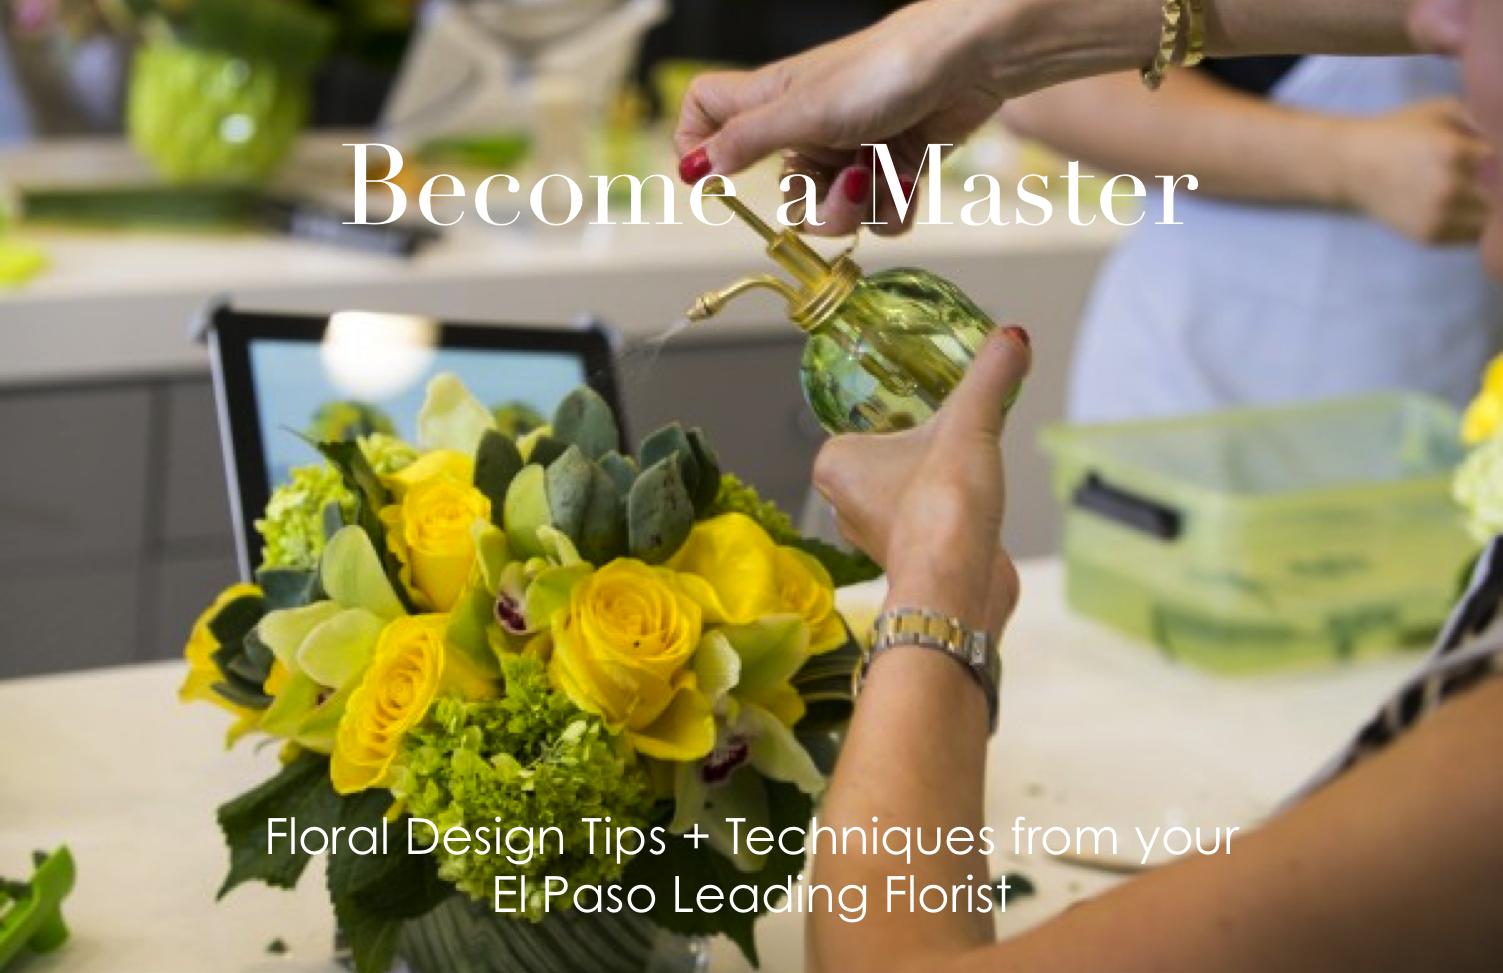 design-workshop-1-angie-s-floral-designs-.png